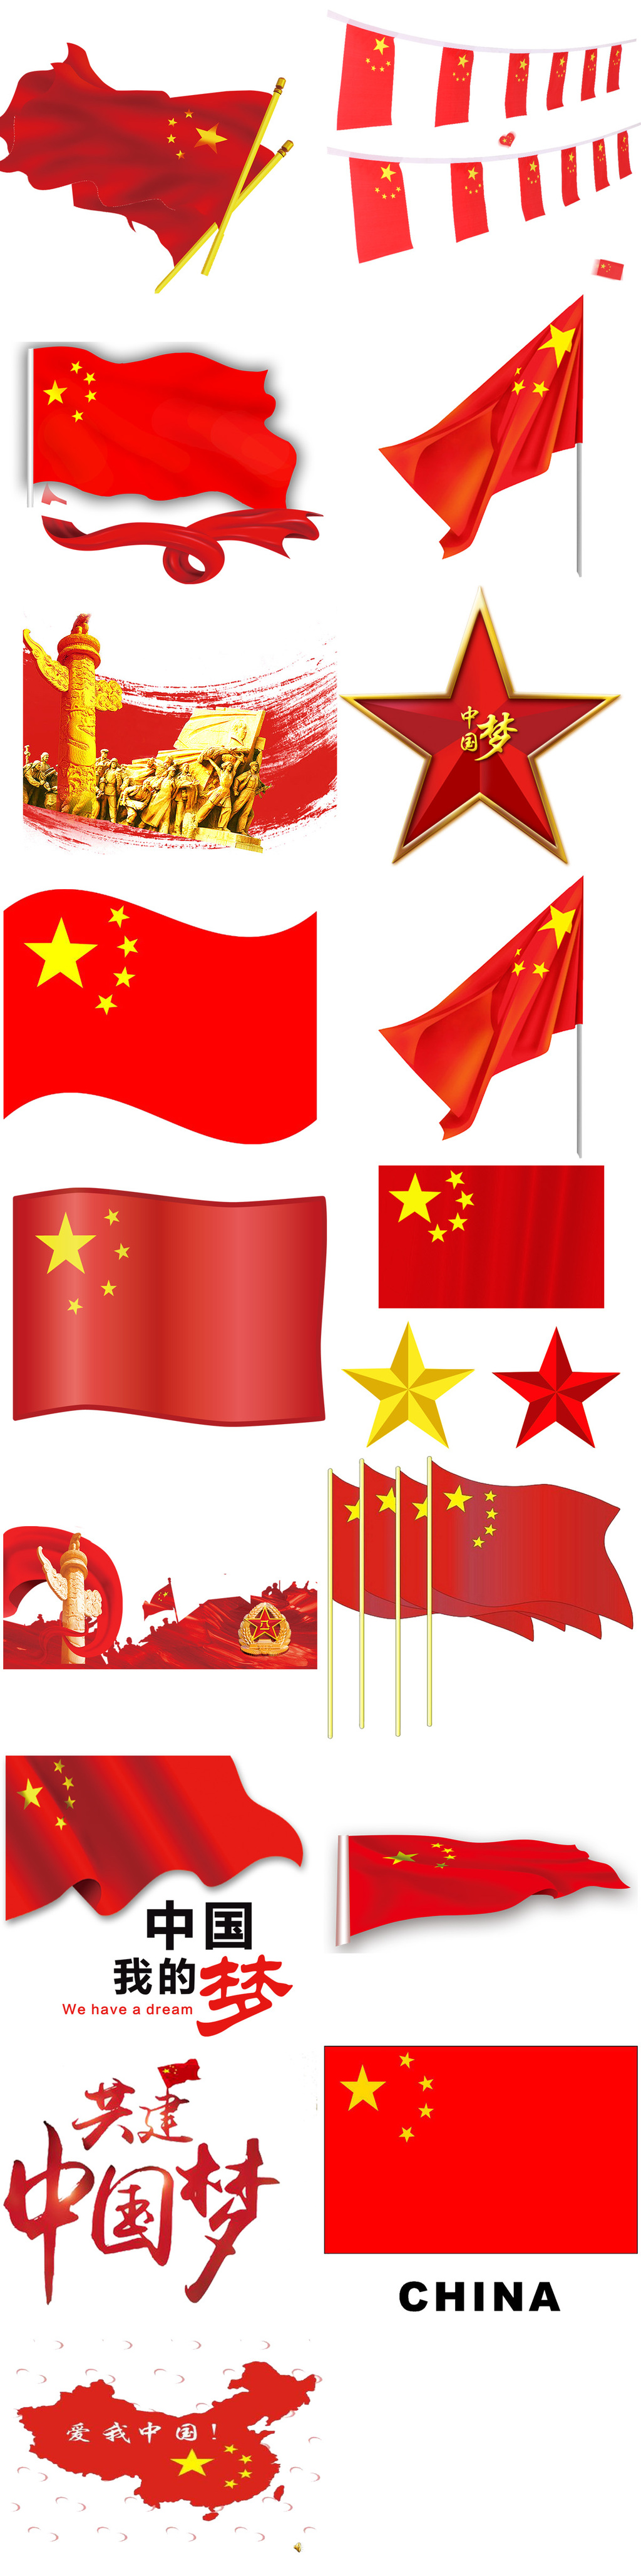 中国国旗党政建设PNG素材图片设计 高清PSD模板下载 23.02MB QQB图片